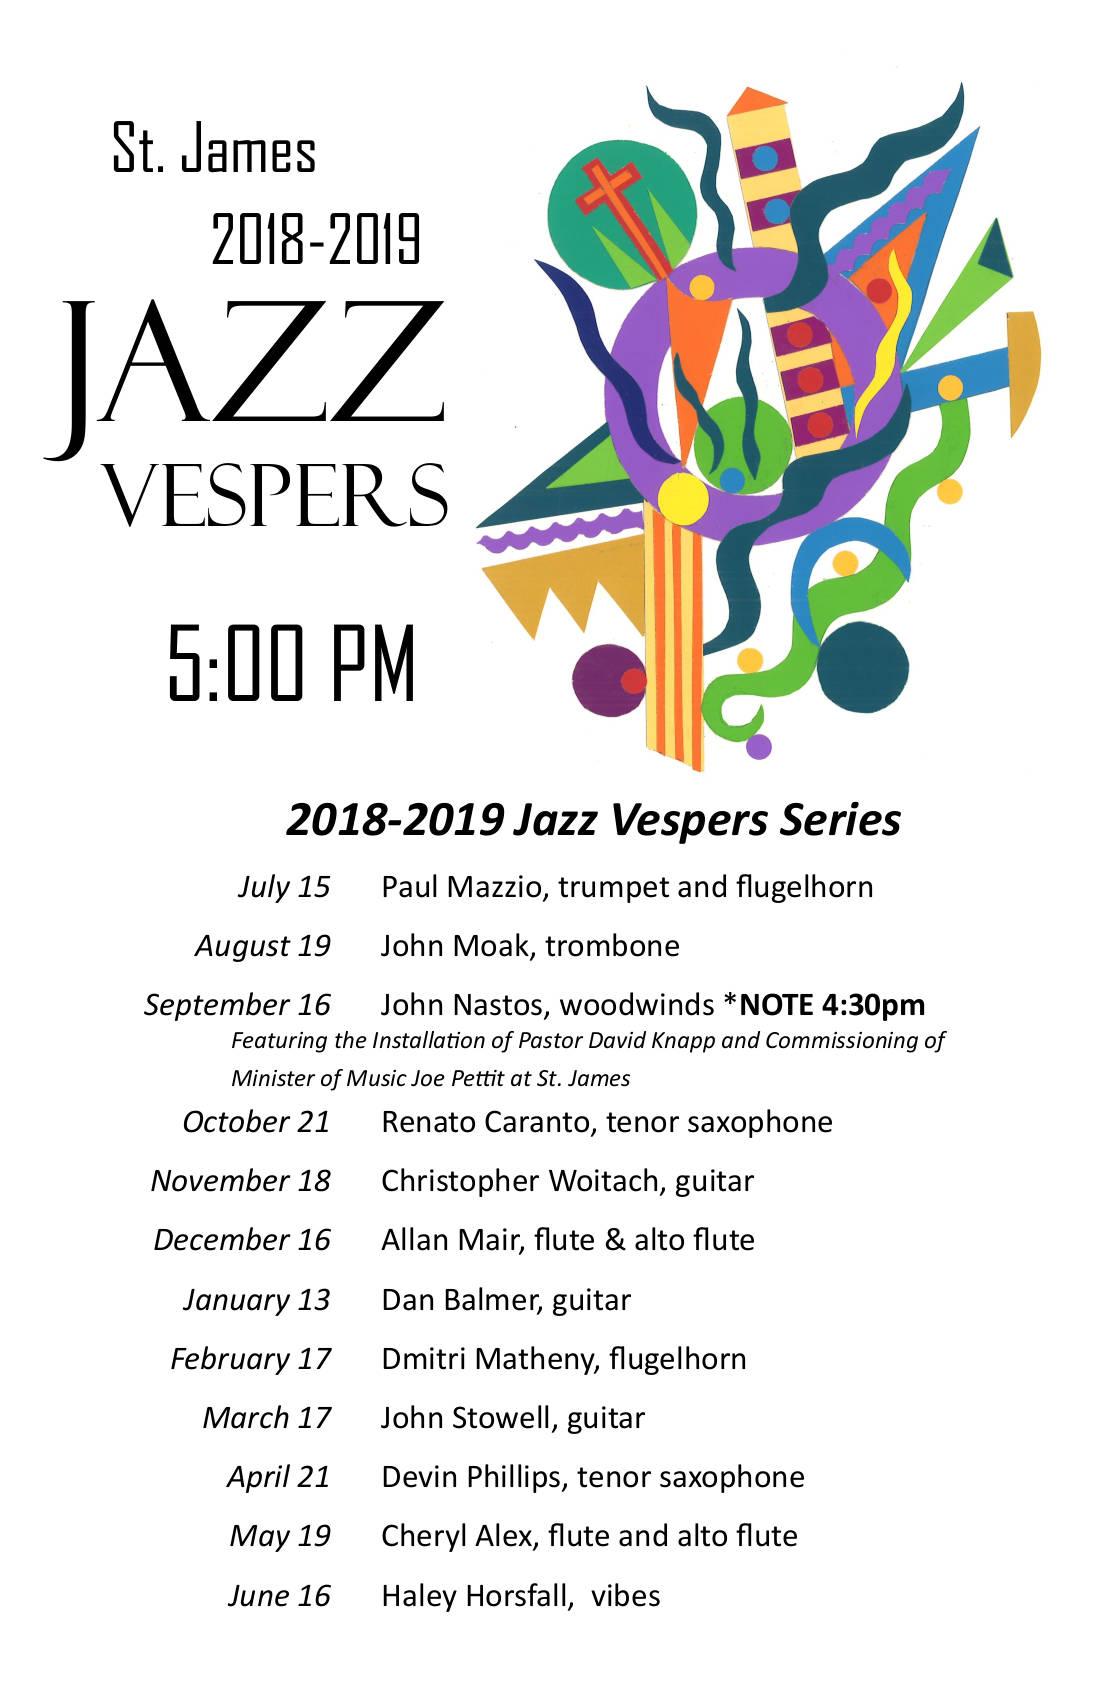 2018-2019 Jazz Vespers Series Poster